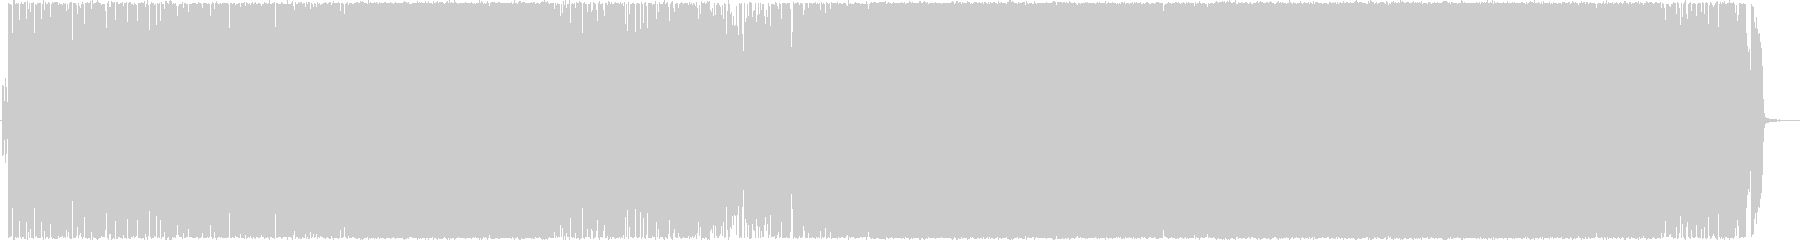 熱いギターロックBGM2の未再生の波形